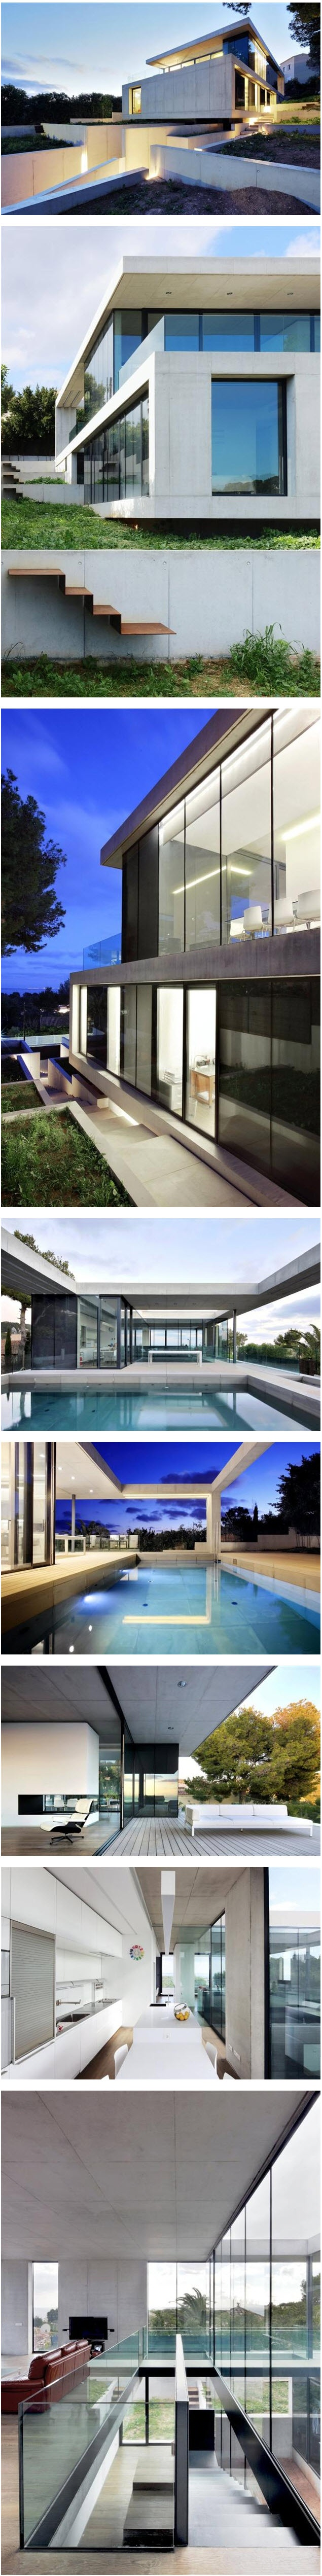 d56ff74efafe1fc2f38cace111ab4831--concrete-houses-mallorca Unique De Couvercle Aquarium Conception